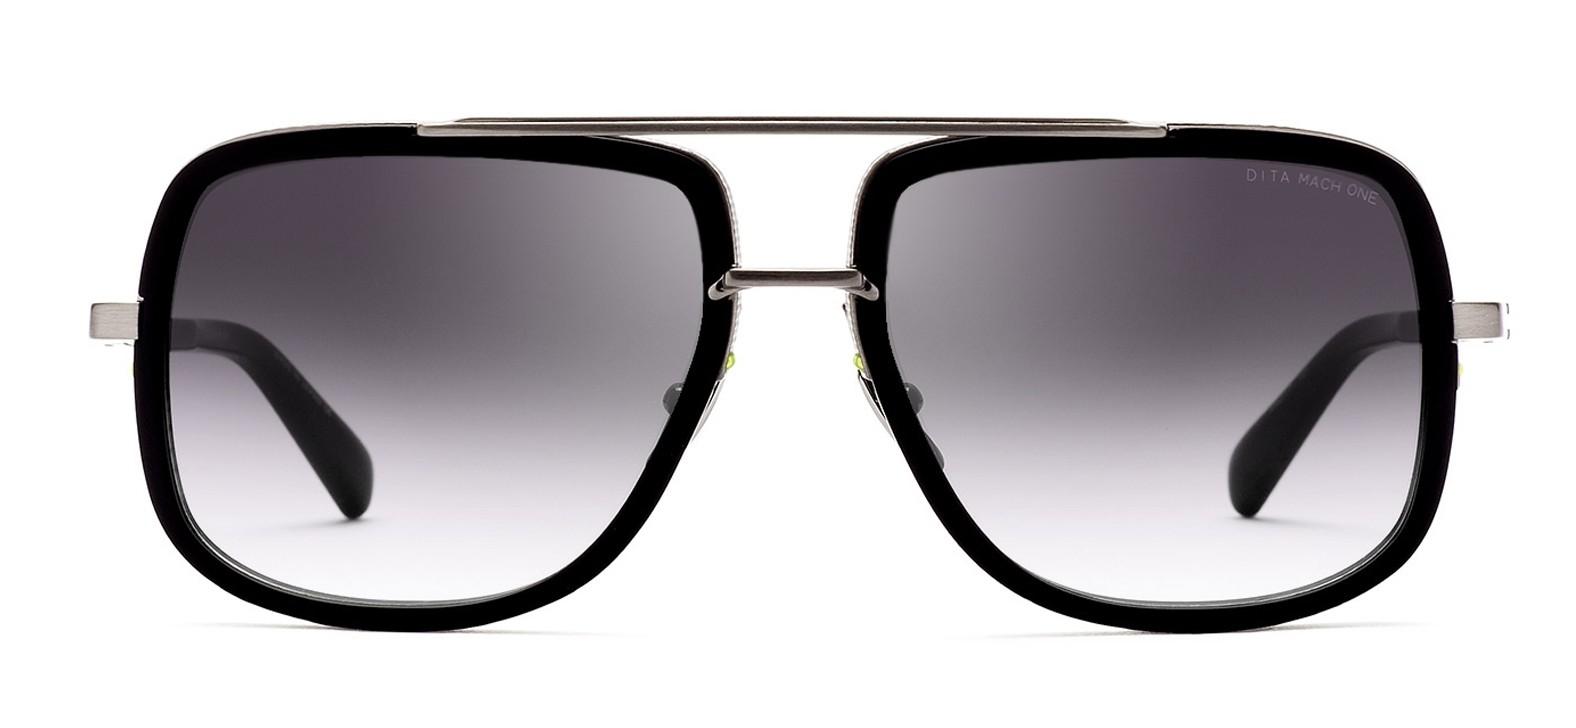 dita okulary przeciwsłoneczne MACH ONE DRX-2030